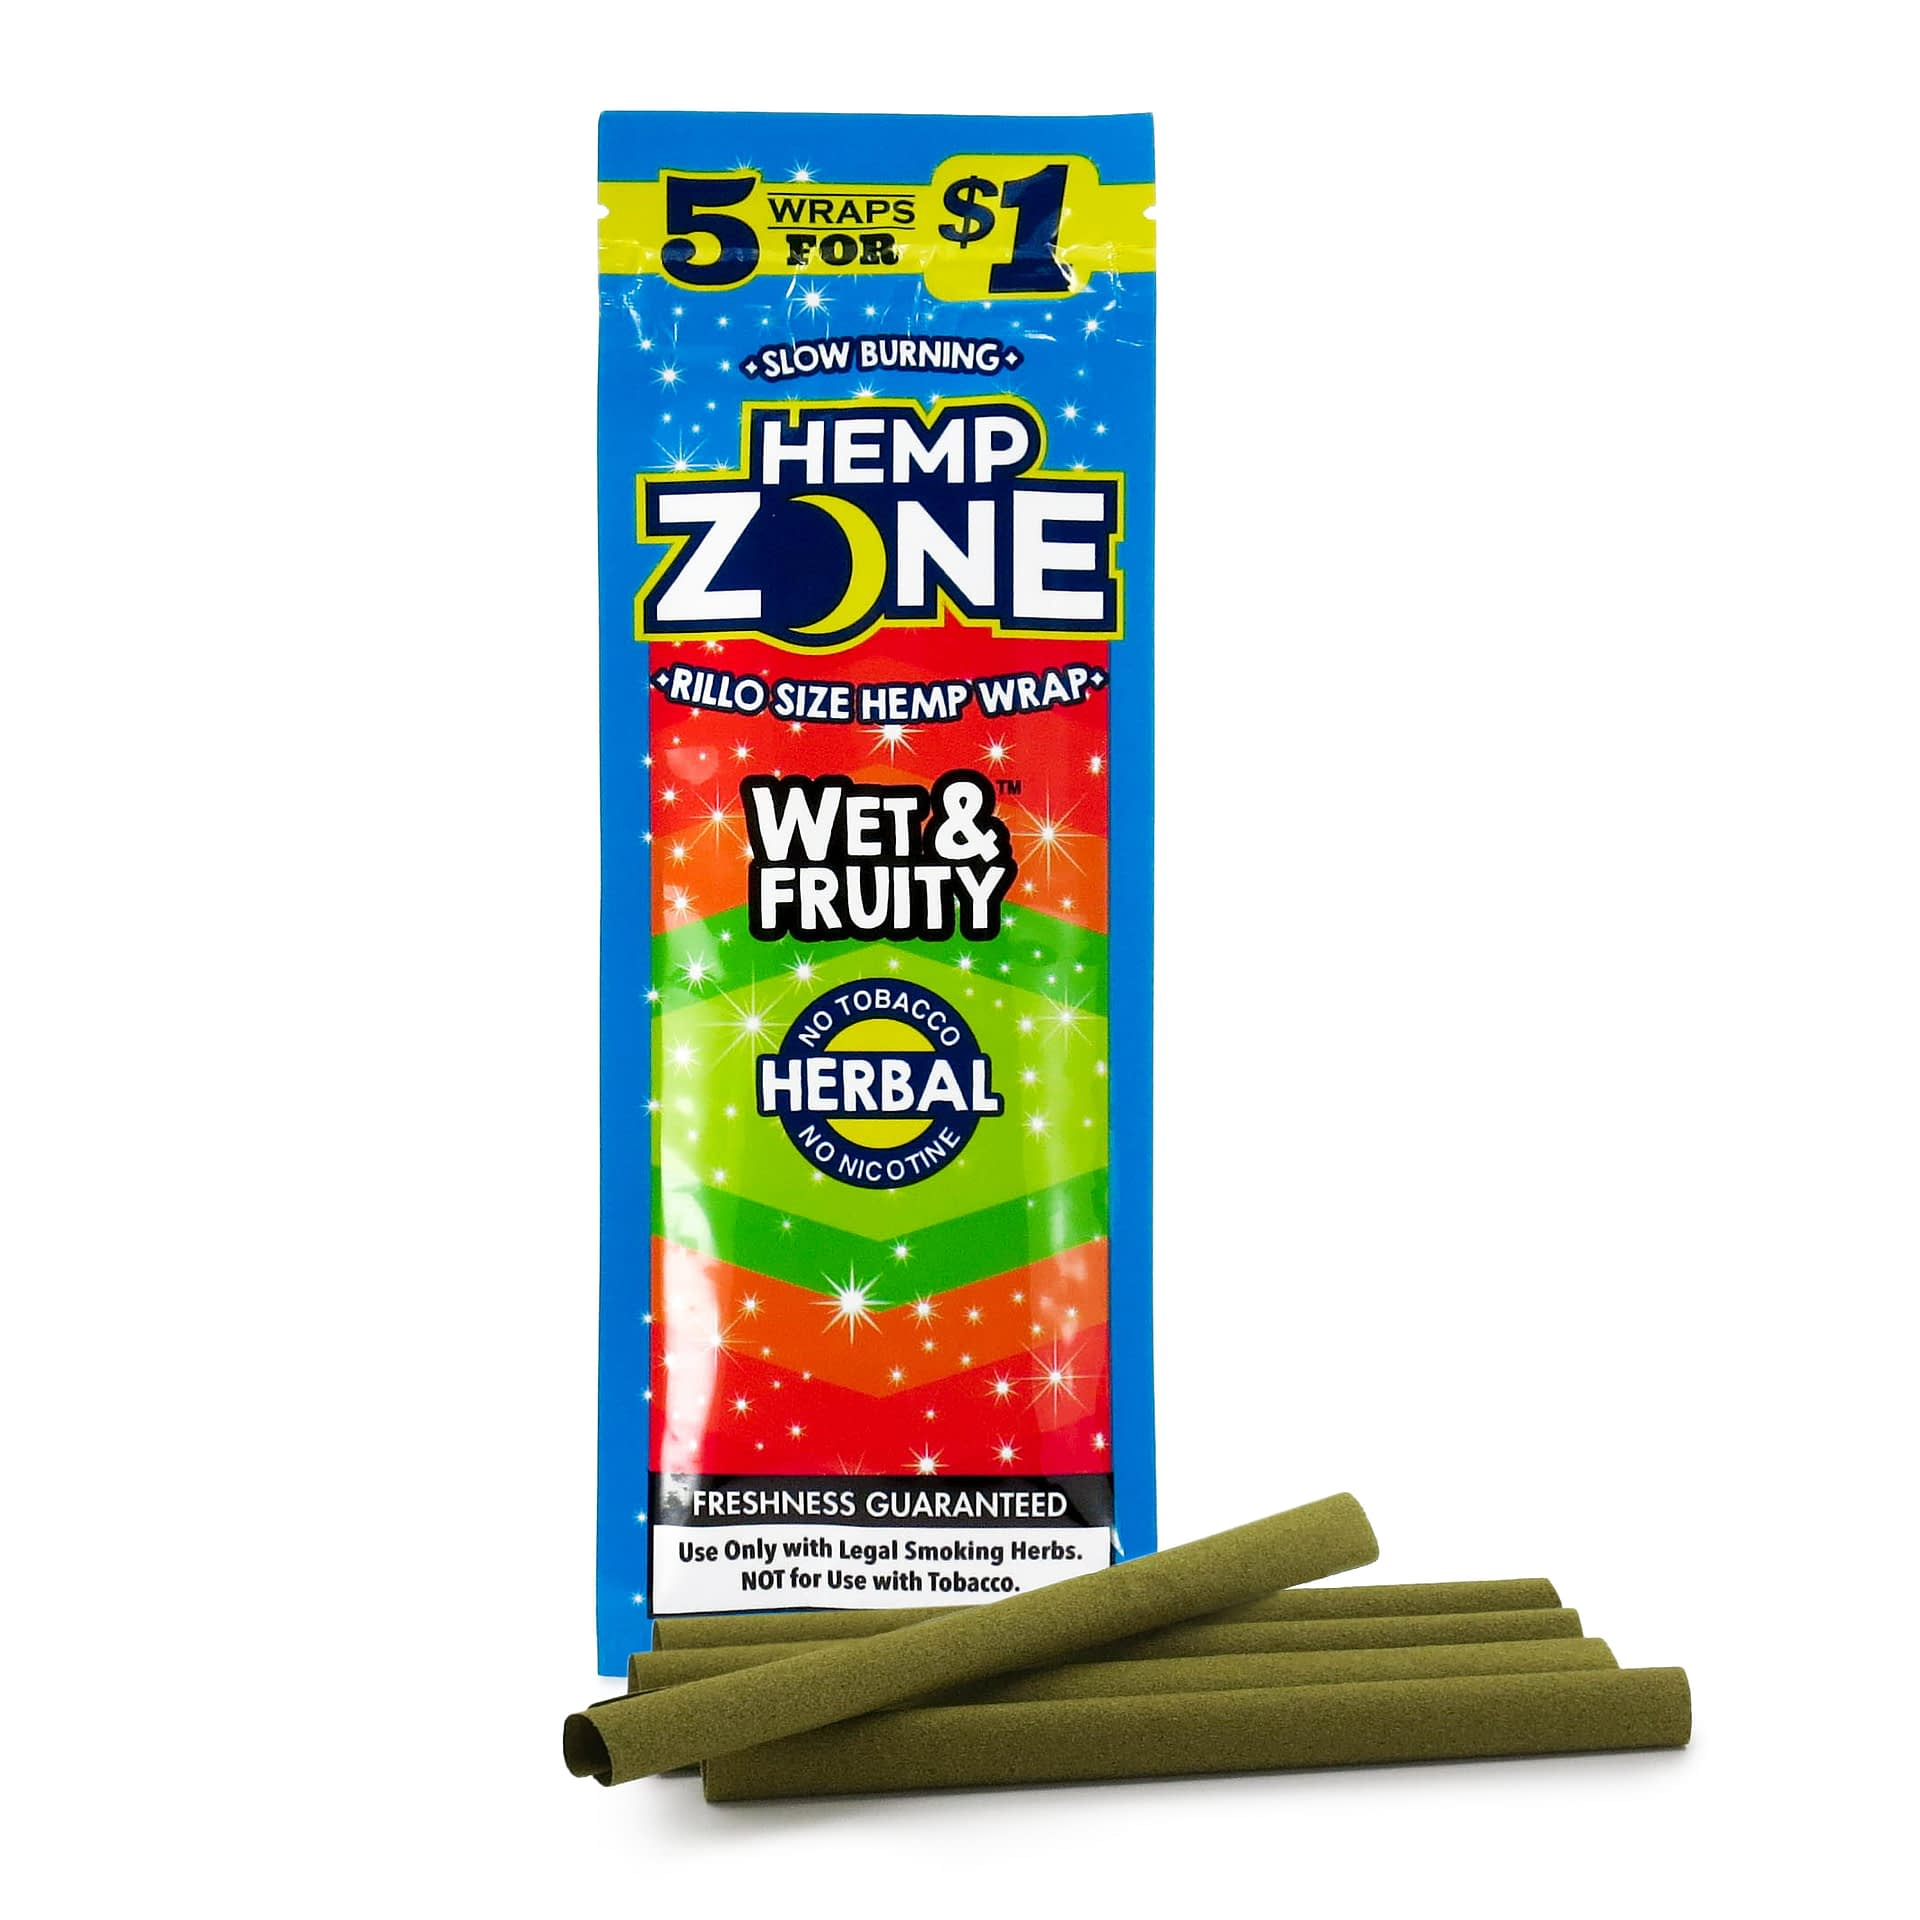 Hemp Zone Hemp Wraps